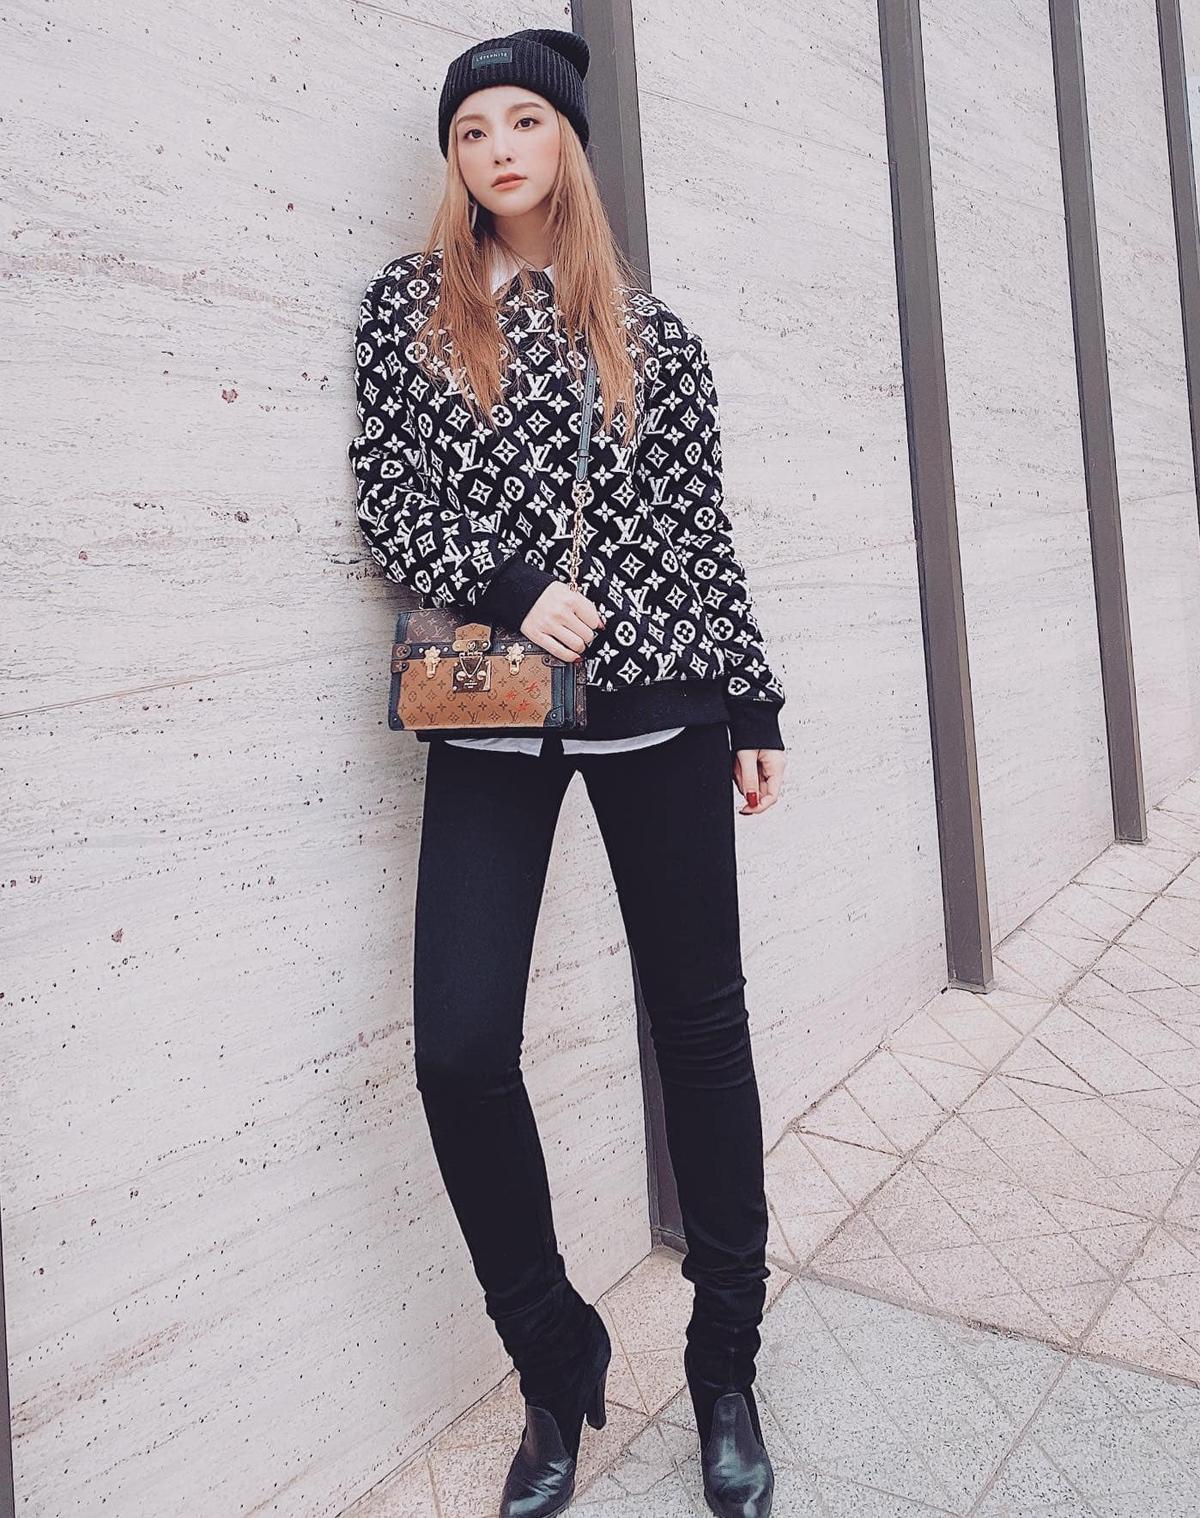 Hạnh Sino kết hợp áo len Louis Vuitton bên ngoài sơ mi trắng, vừa giữ ấm trong mùa đông lại vừa tạo hình ảnh trẻ trung.